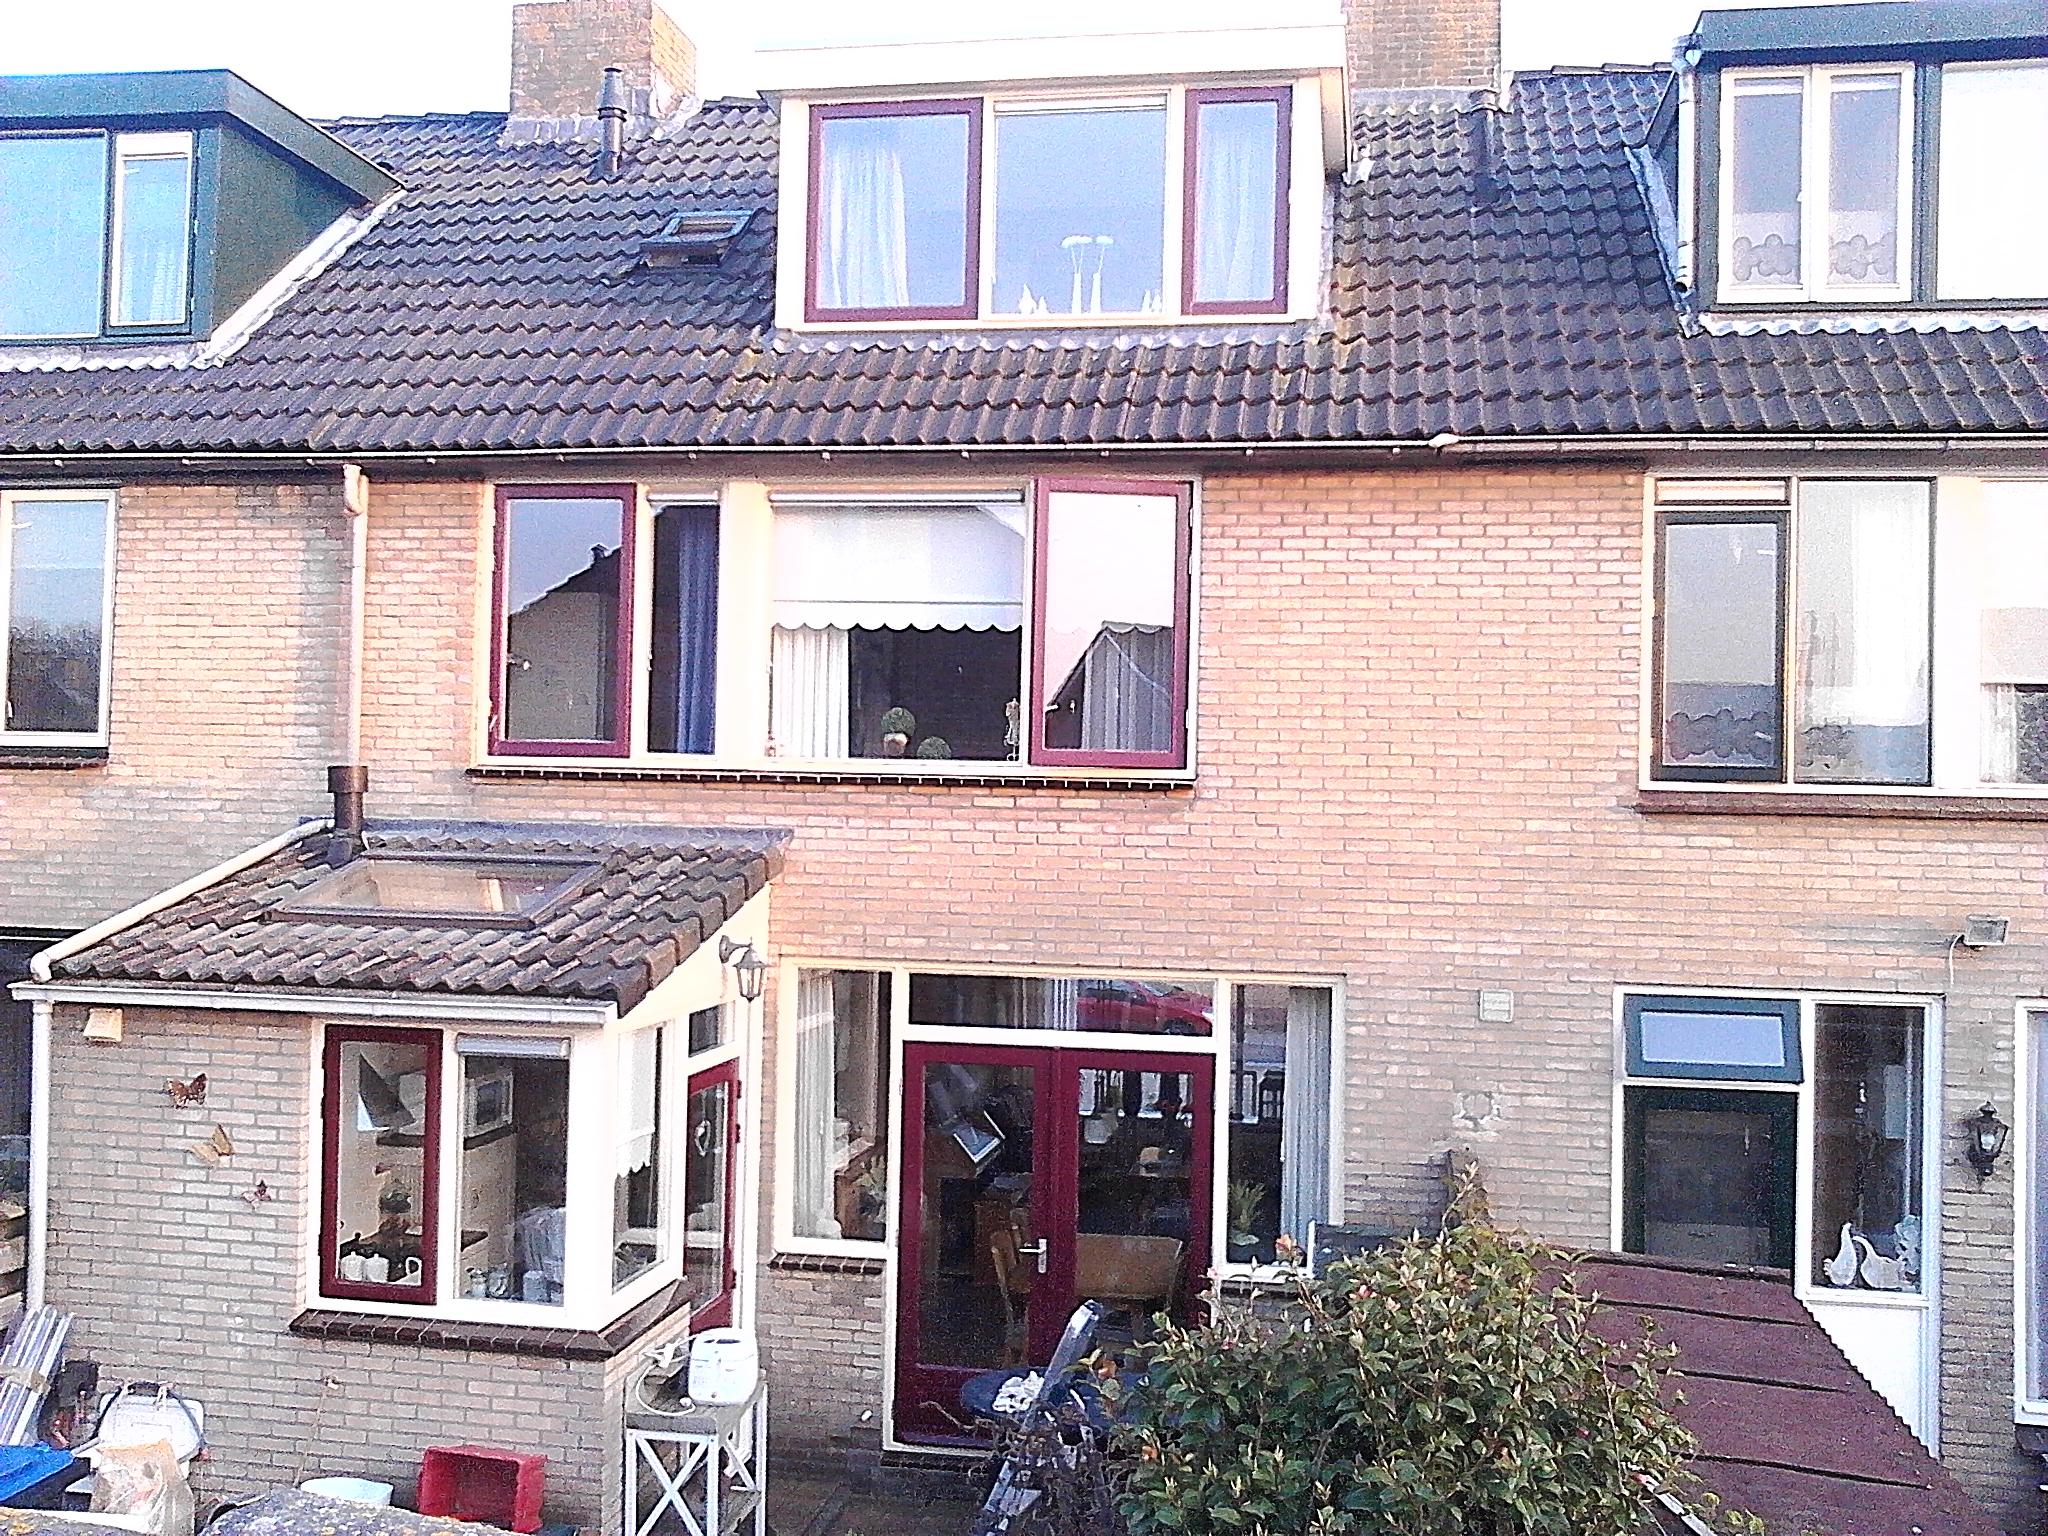 Waarder, Pr. Willem Alexanderstraat 43